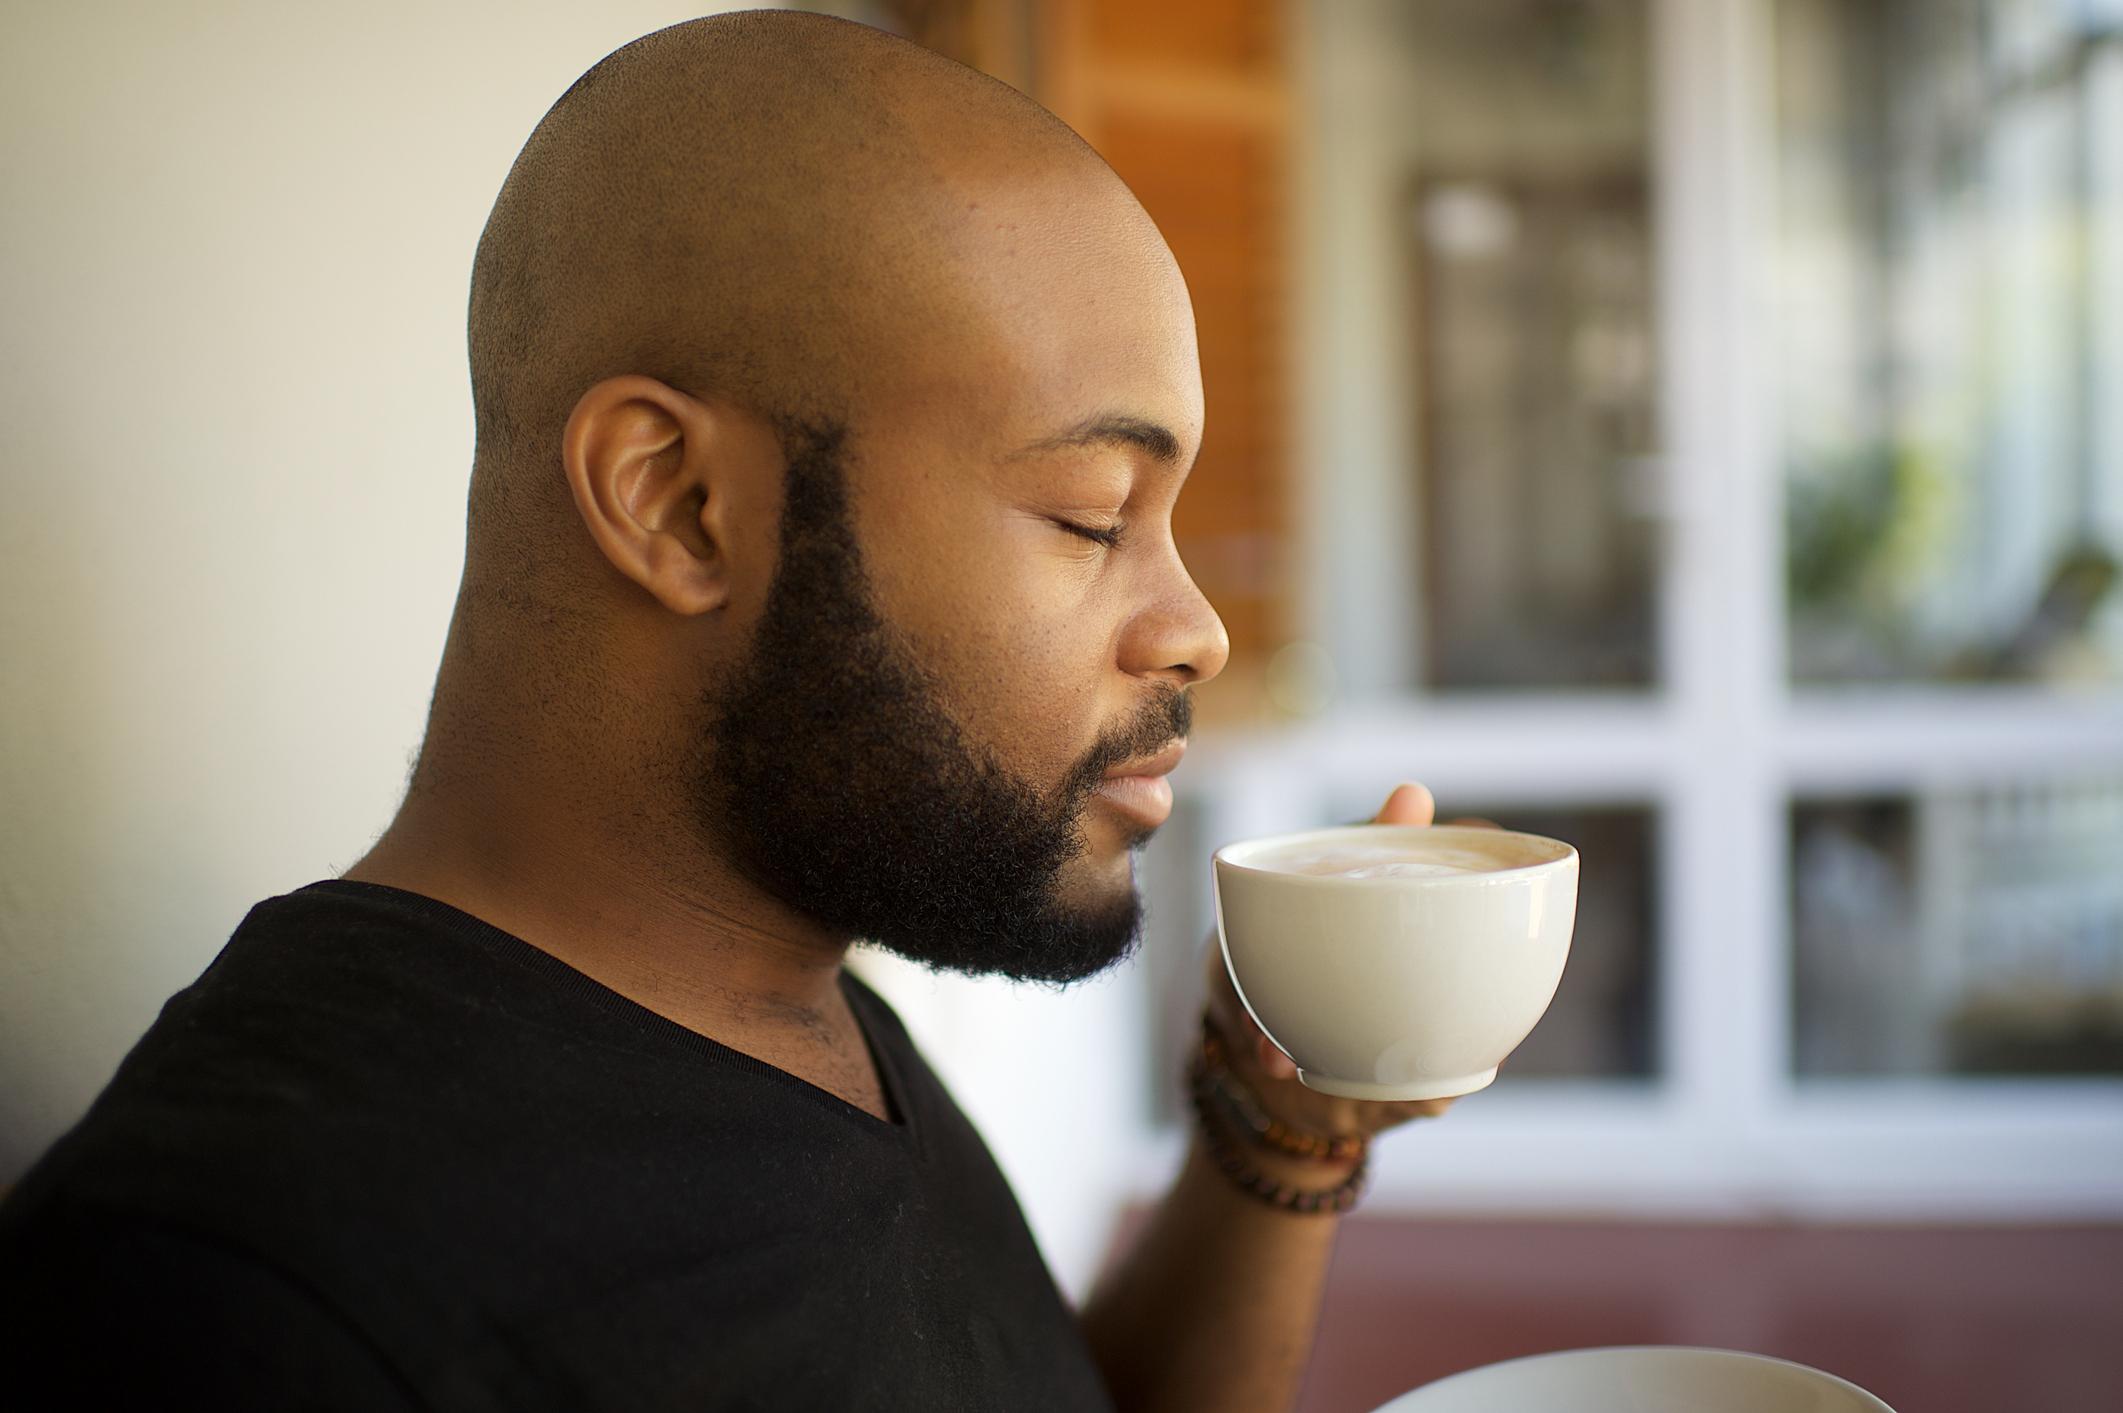 Lidando com a perda de cheiro e sabor 12